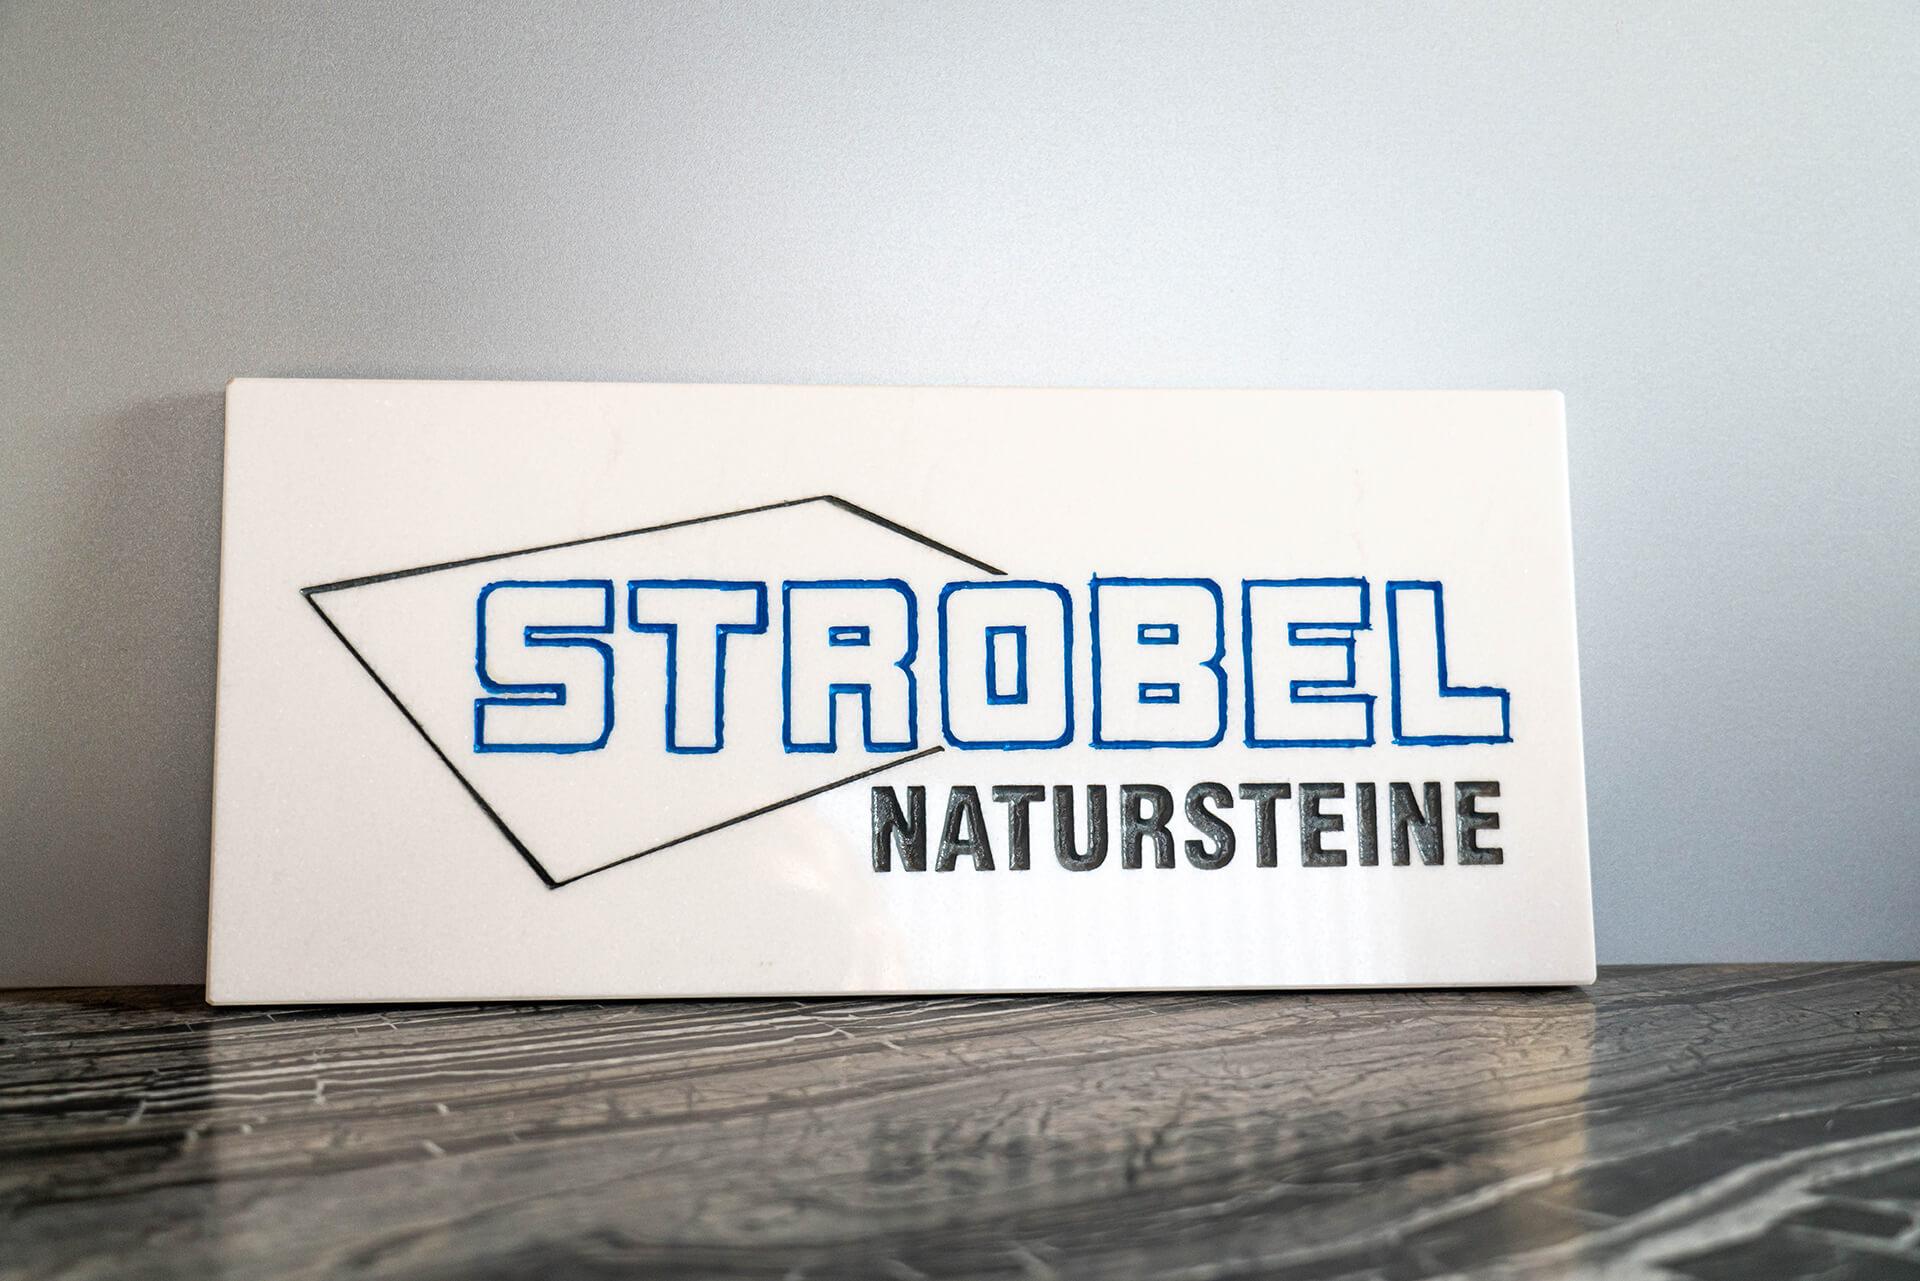 Natursteine Strobel - Logo